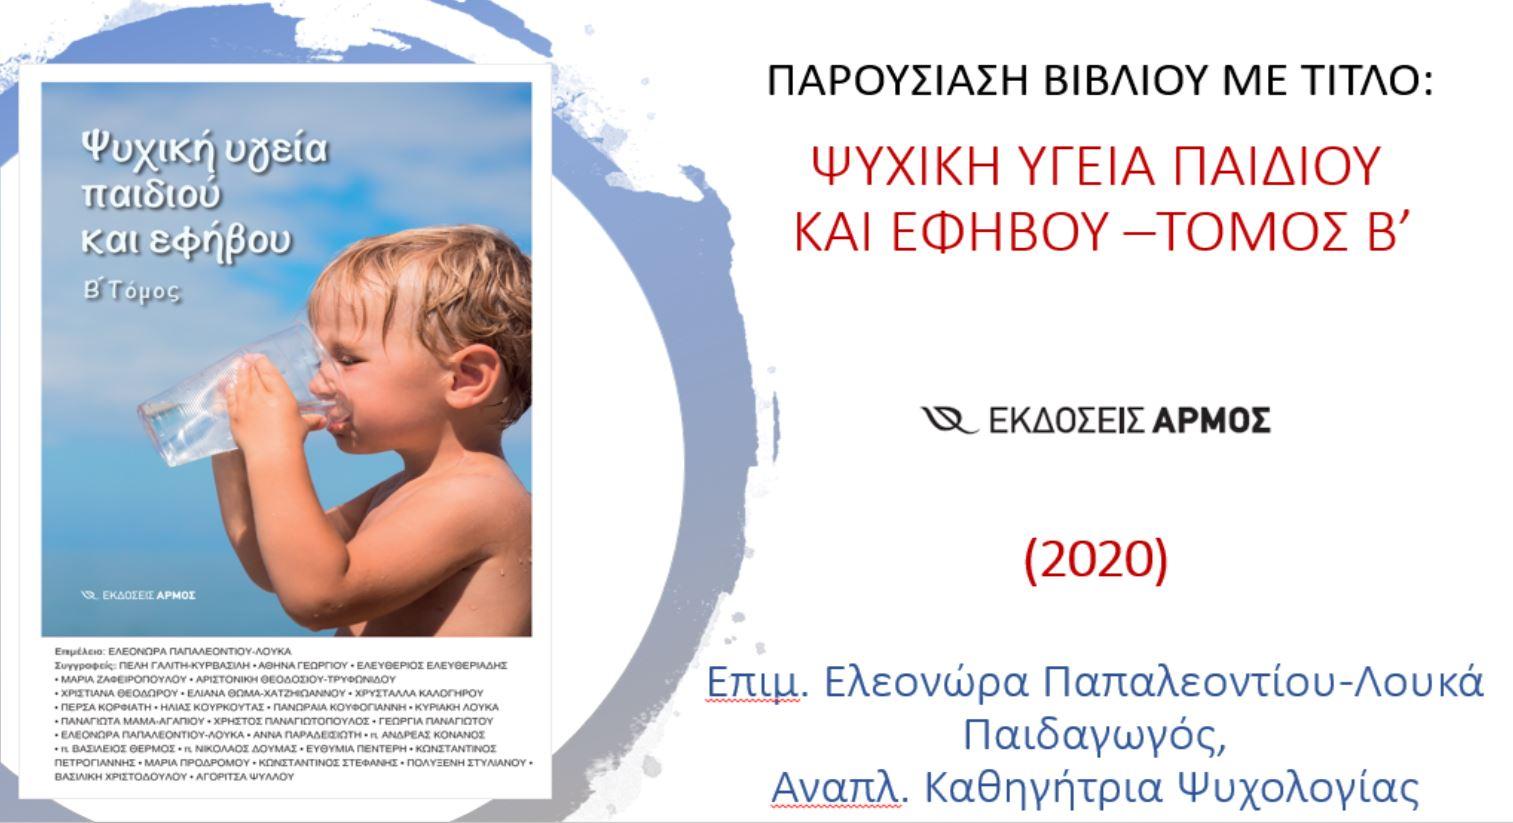 """Βιβλιοπαρουσίαση """"Ψυχική υγεία παιδιού και εφήβου"""" - Τόμος Β'"""